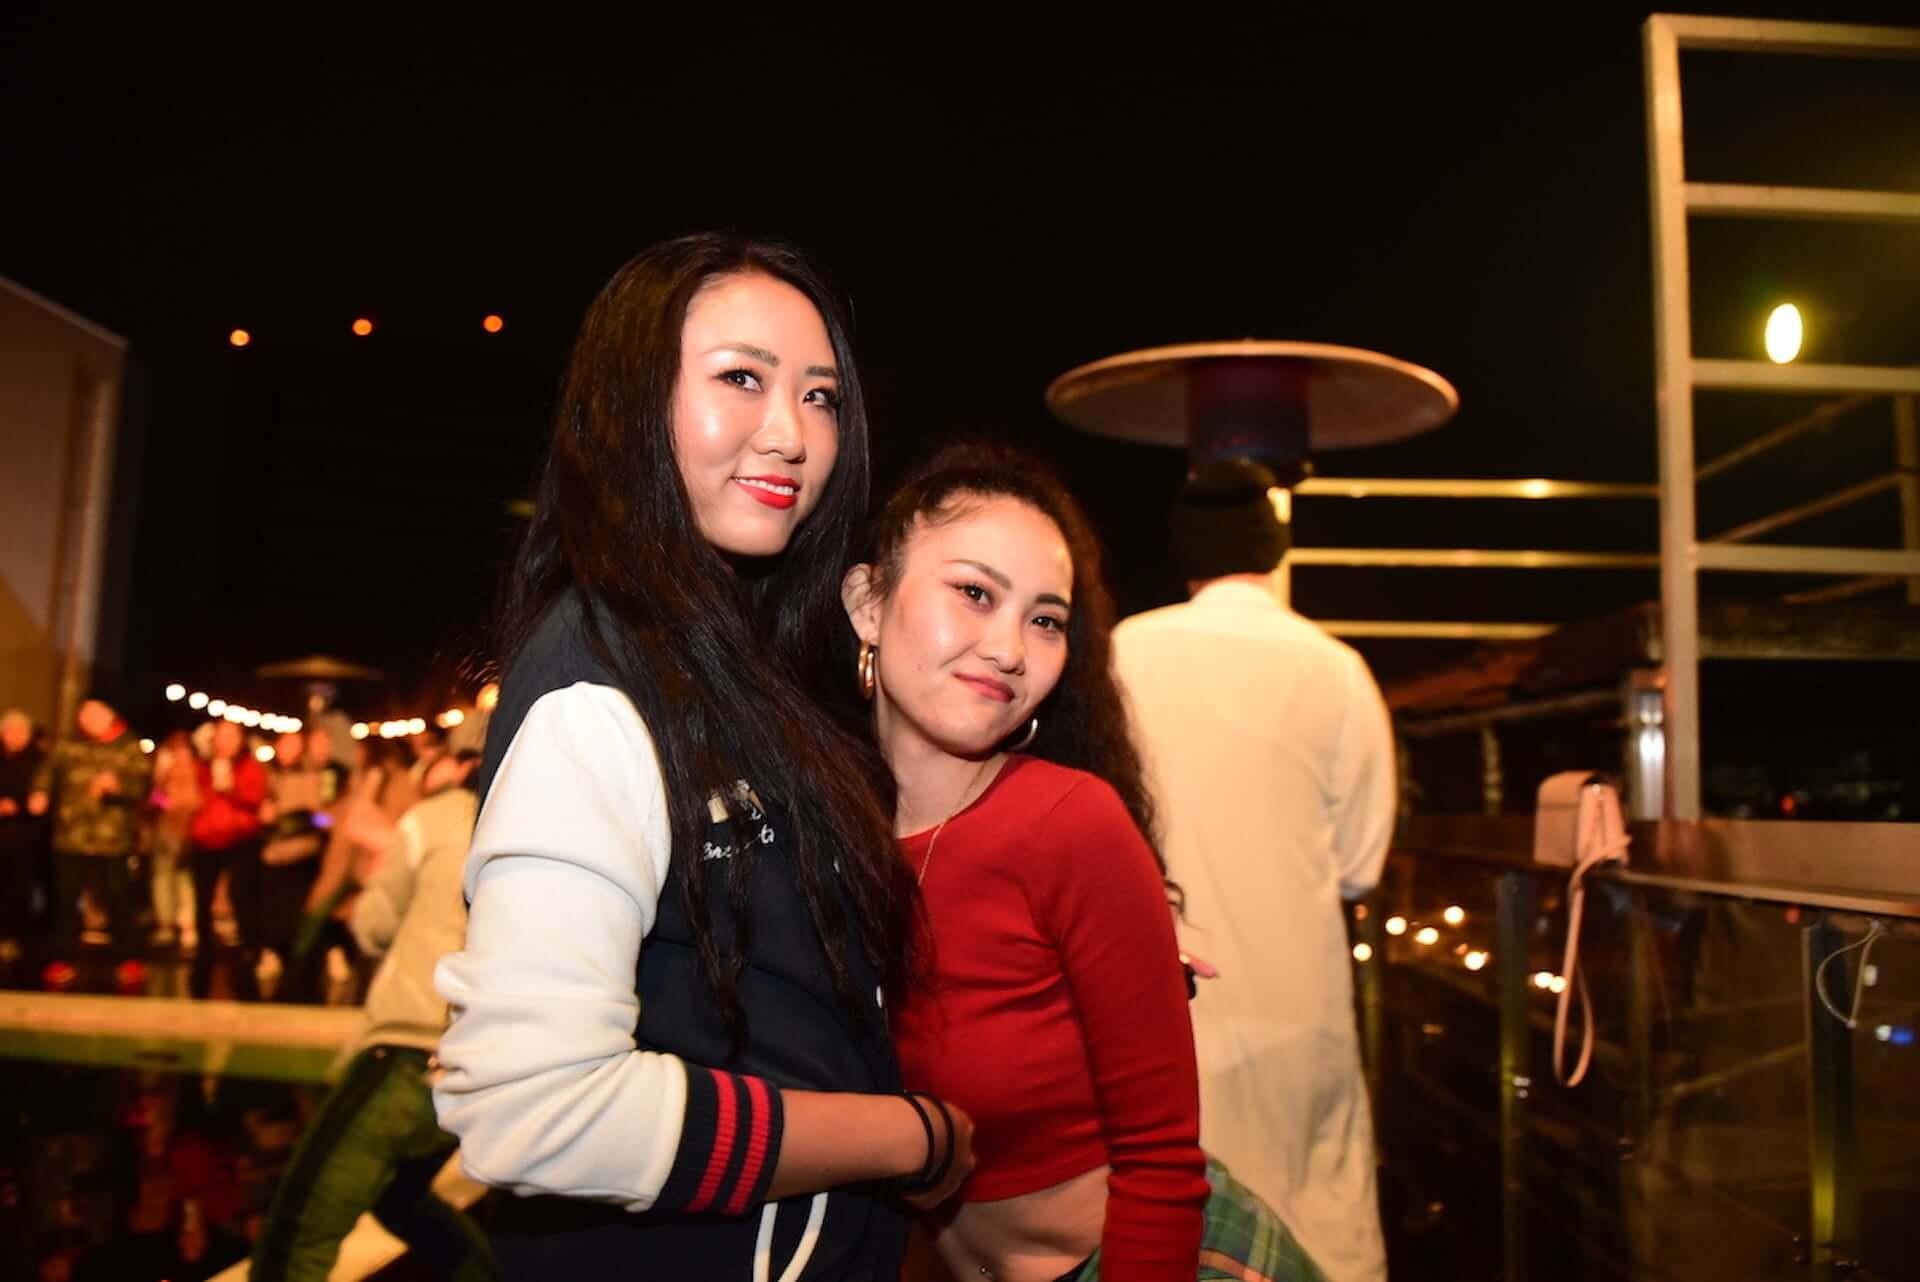 3,000人が出会う一夜!りんごちゃん、t-Ace等々出演のsagami original presents<SABISHINBO NIGHT 2019>25周年目のイベントレポート music191224_sabishinbo2019after_10-1920x1282